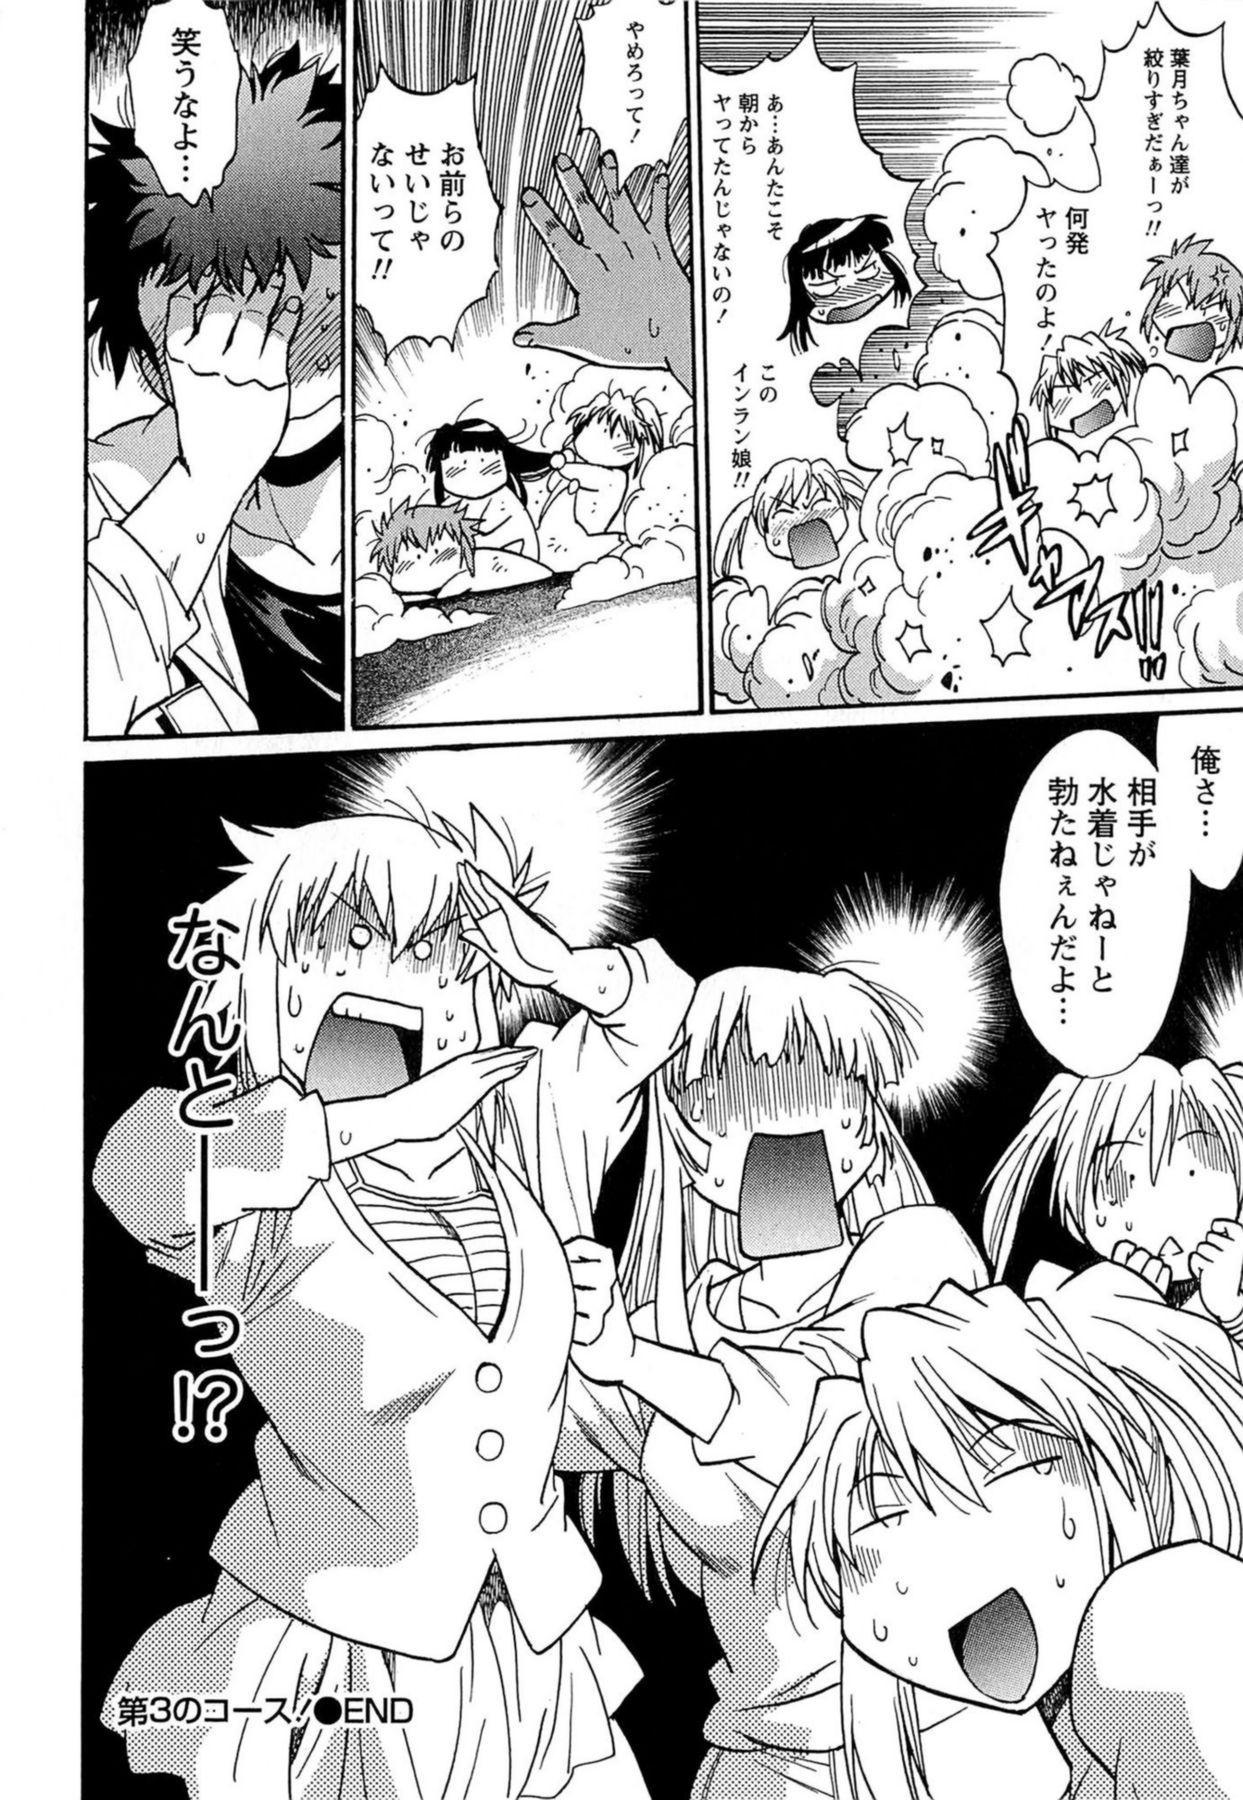 Kuikomi wo Naoshiteru Hima wa Nai! Vol. 1 82